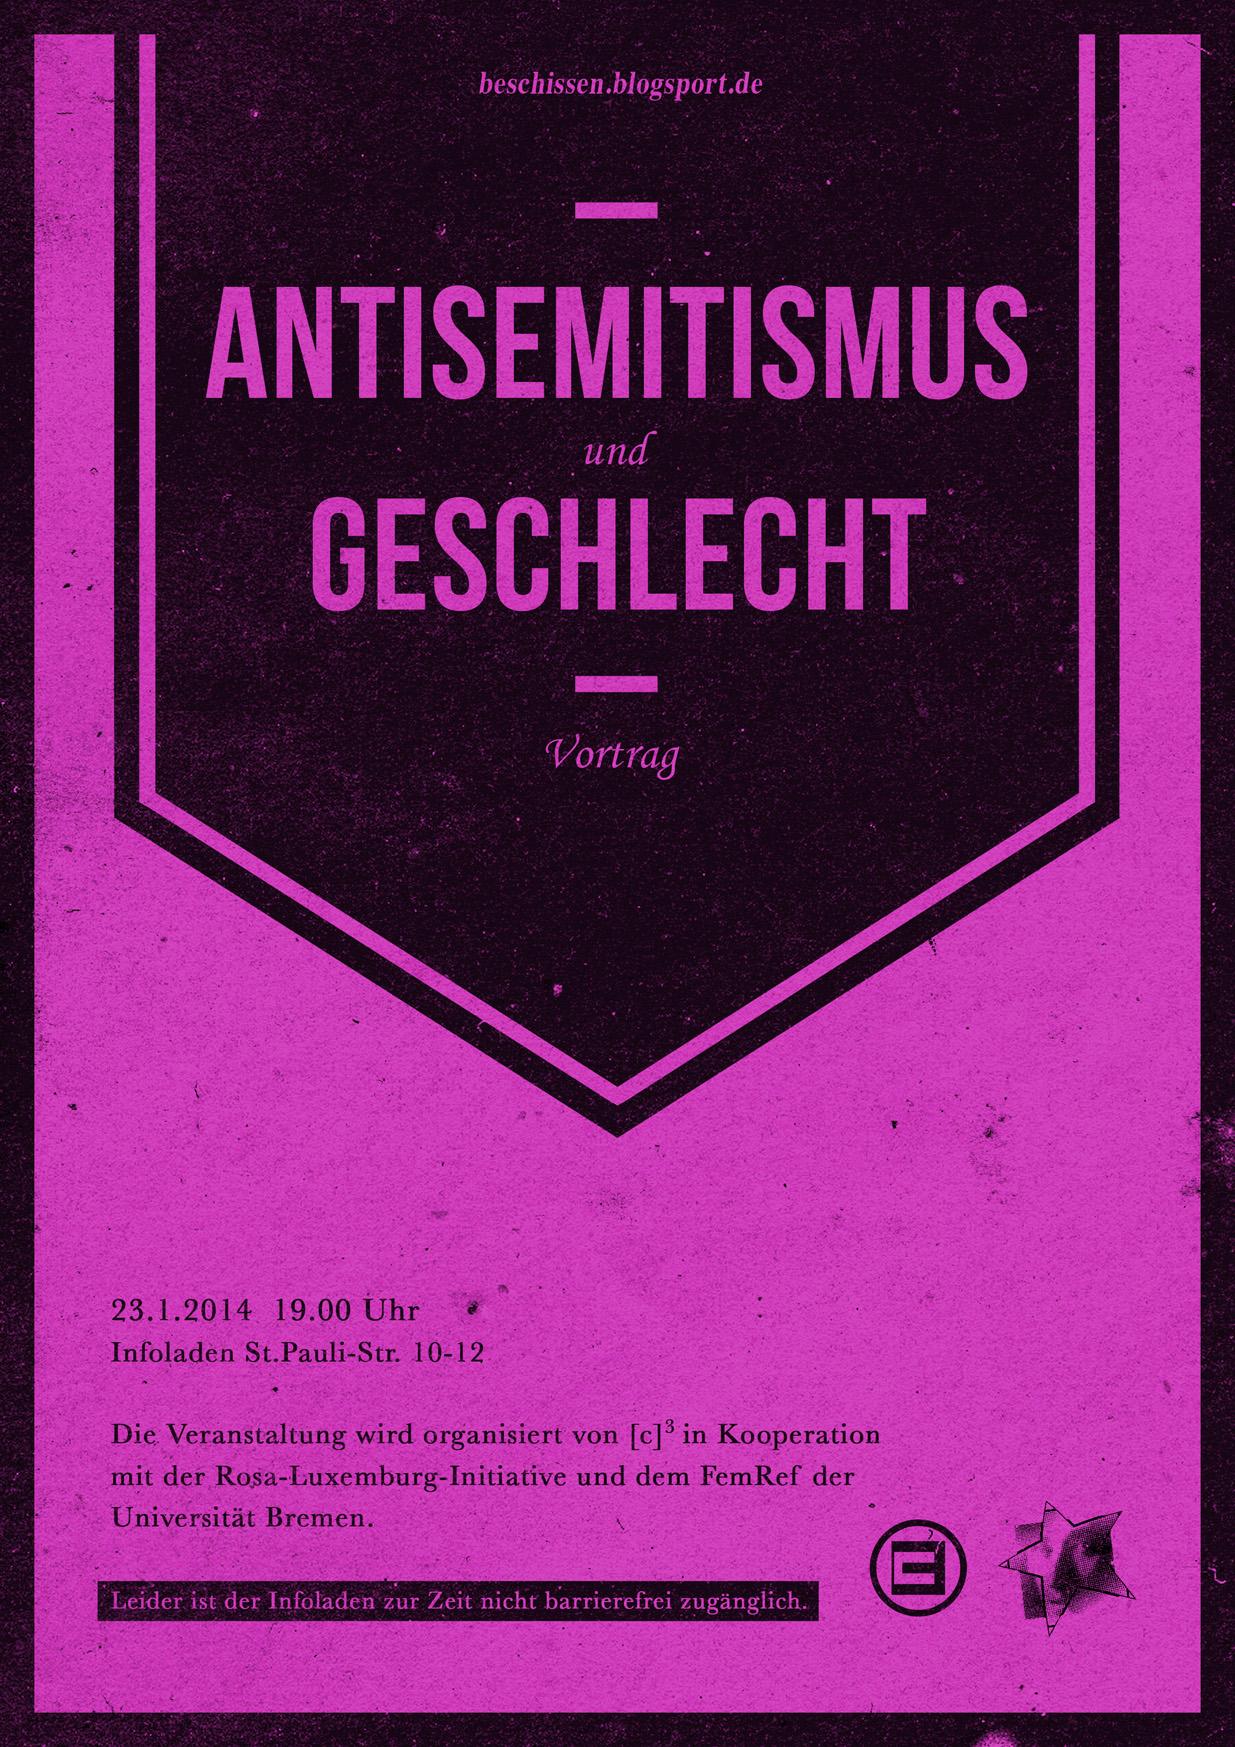 antisemgesch